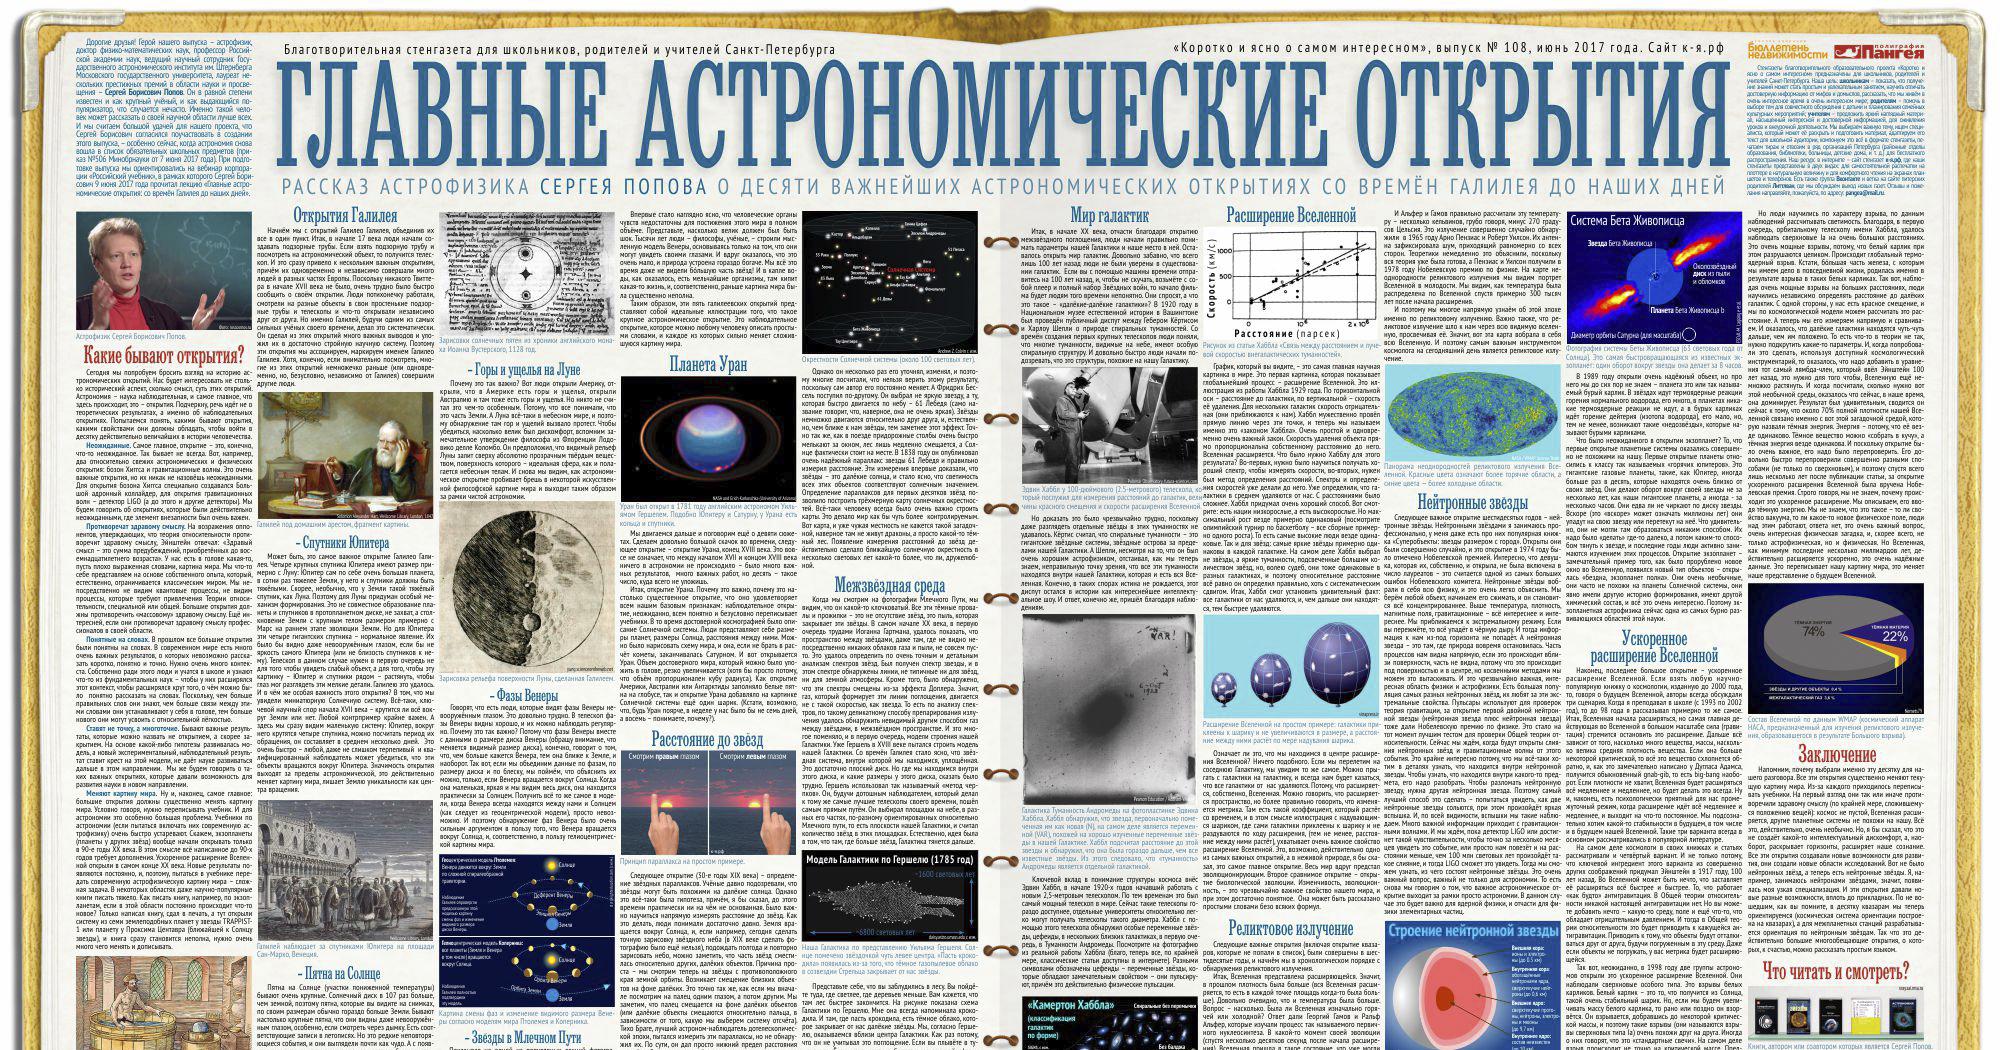 Главные астрономические открытия